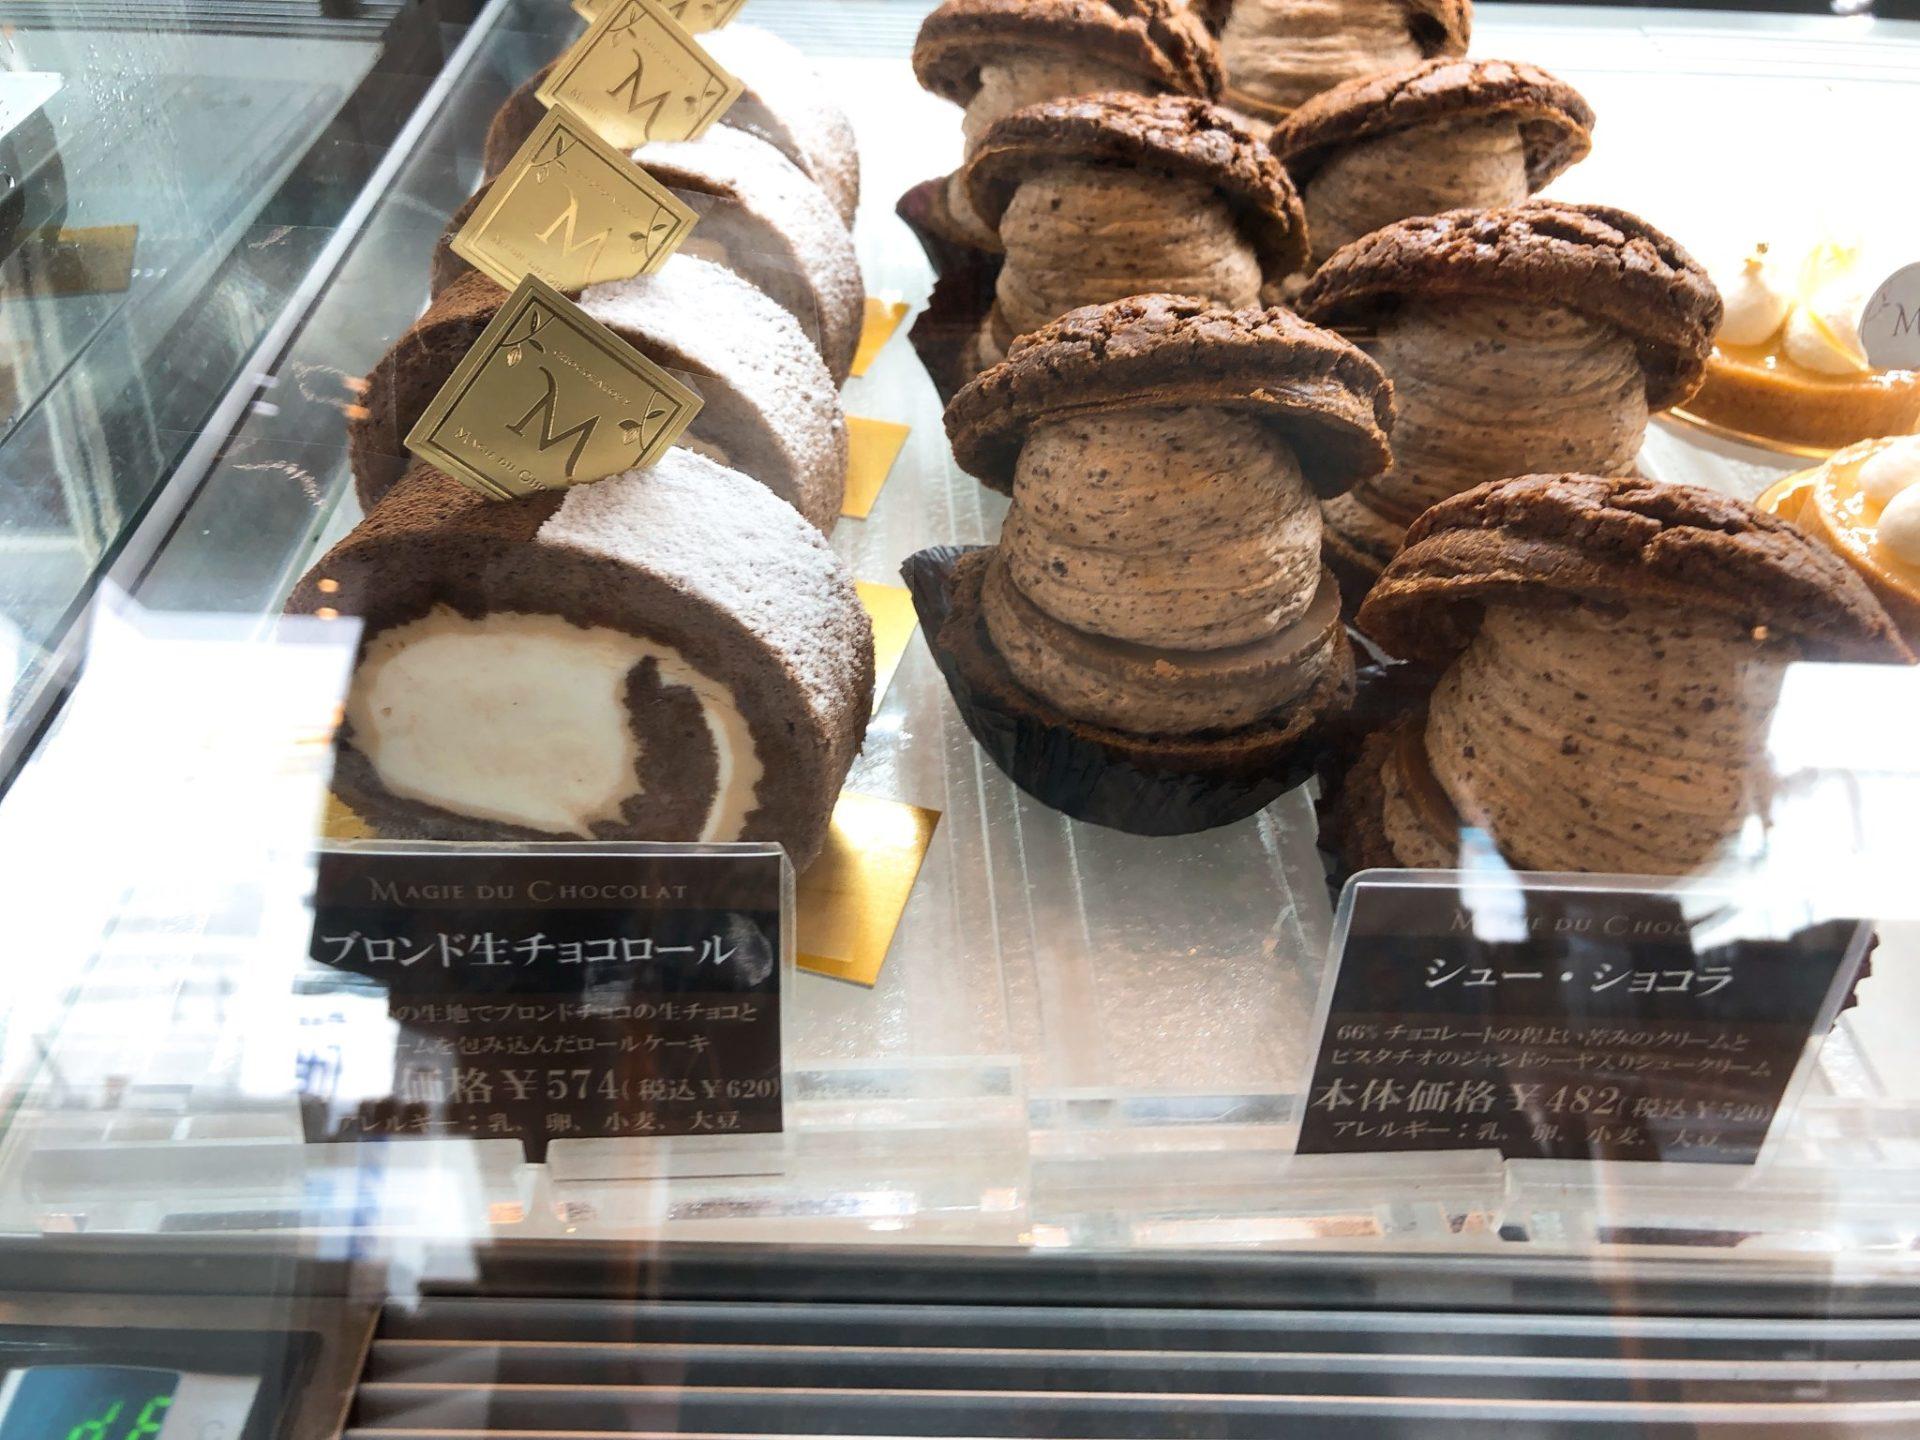 マジドゥショコラ自由が丘本店のシューショコラ・チョコロール